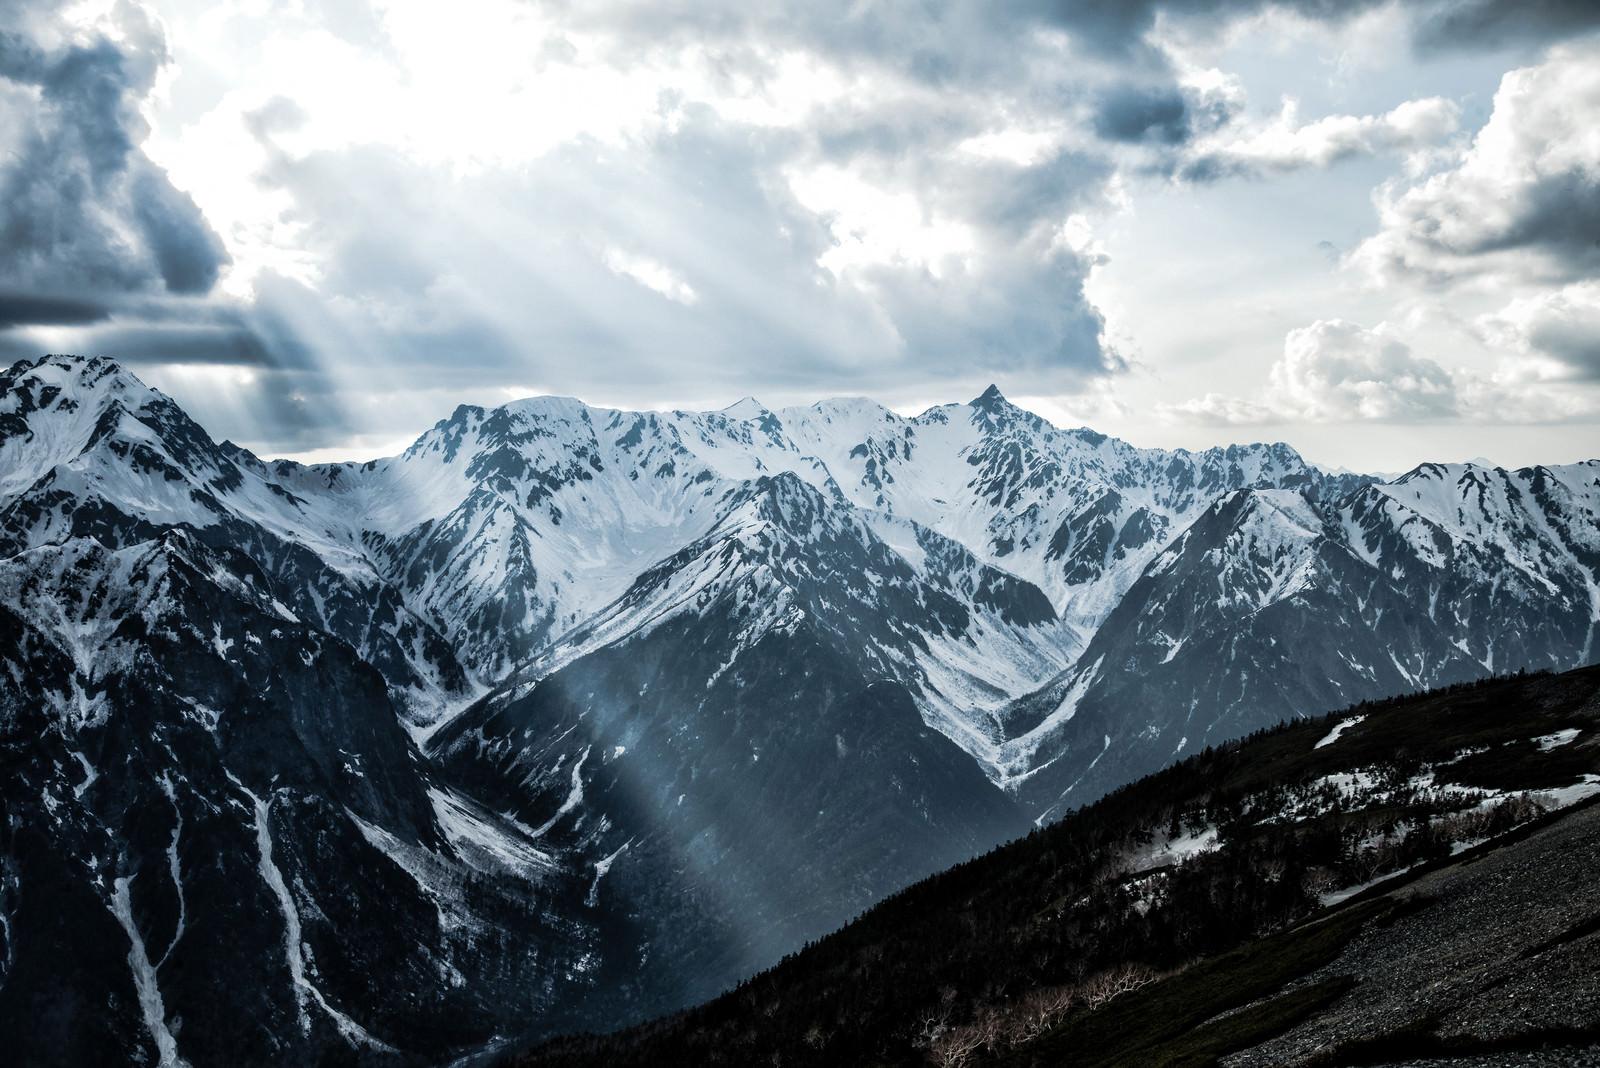 「差し込む光芒と槍ヶ岳(飛騨山脈)」の写真